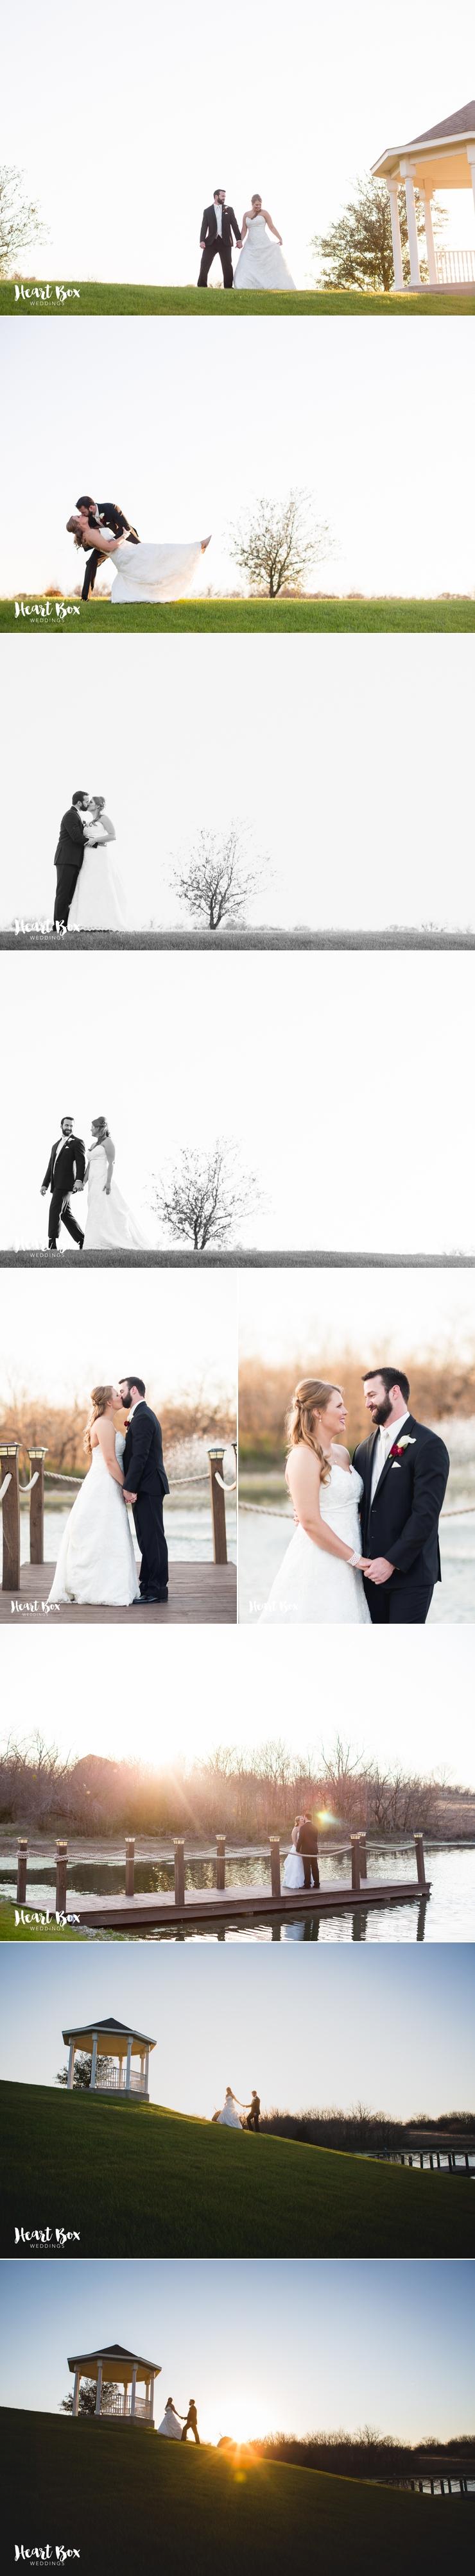 Vanderpool Wedding - Blog Collages 11.jpg